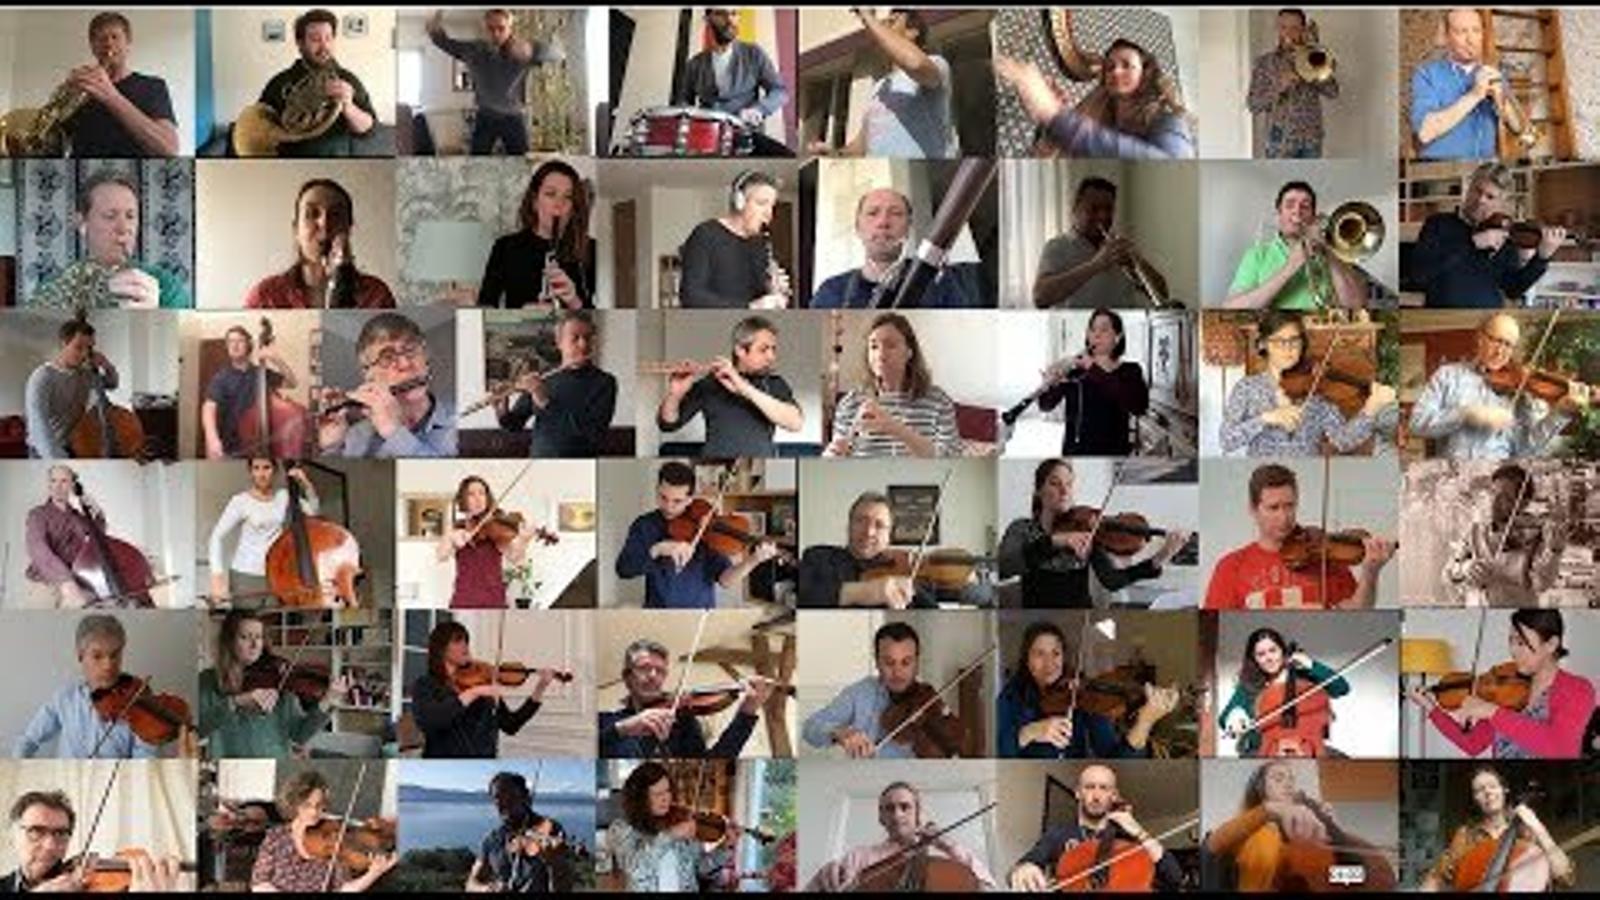 El confinament no ha impedit que els músics de l'Orquestra Nacional de França toquin plegats el 'Bolero' de Ravel